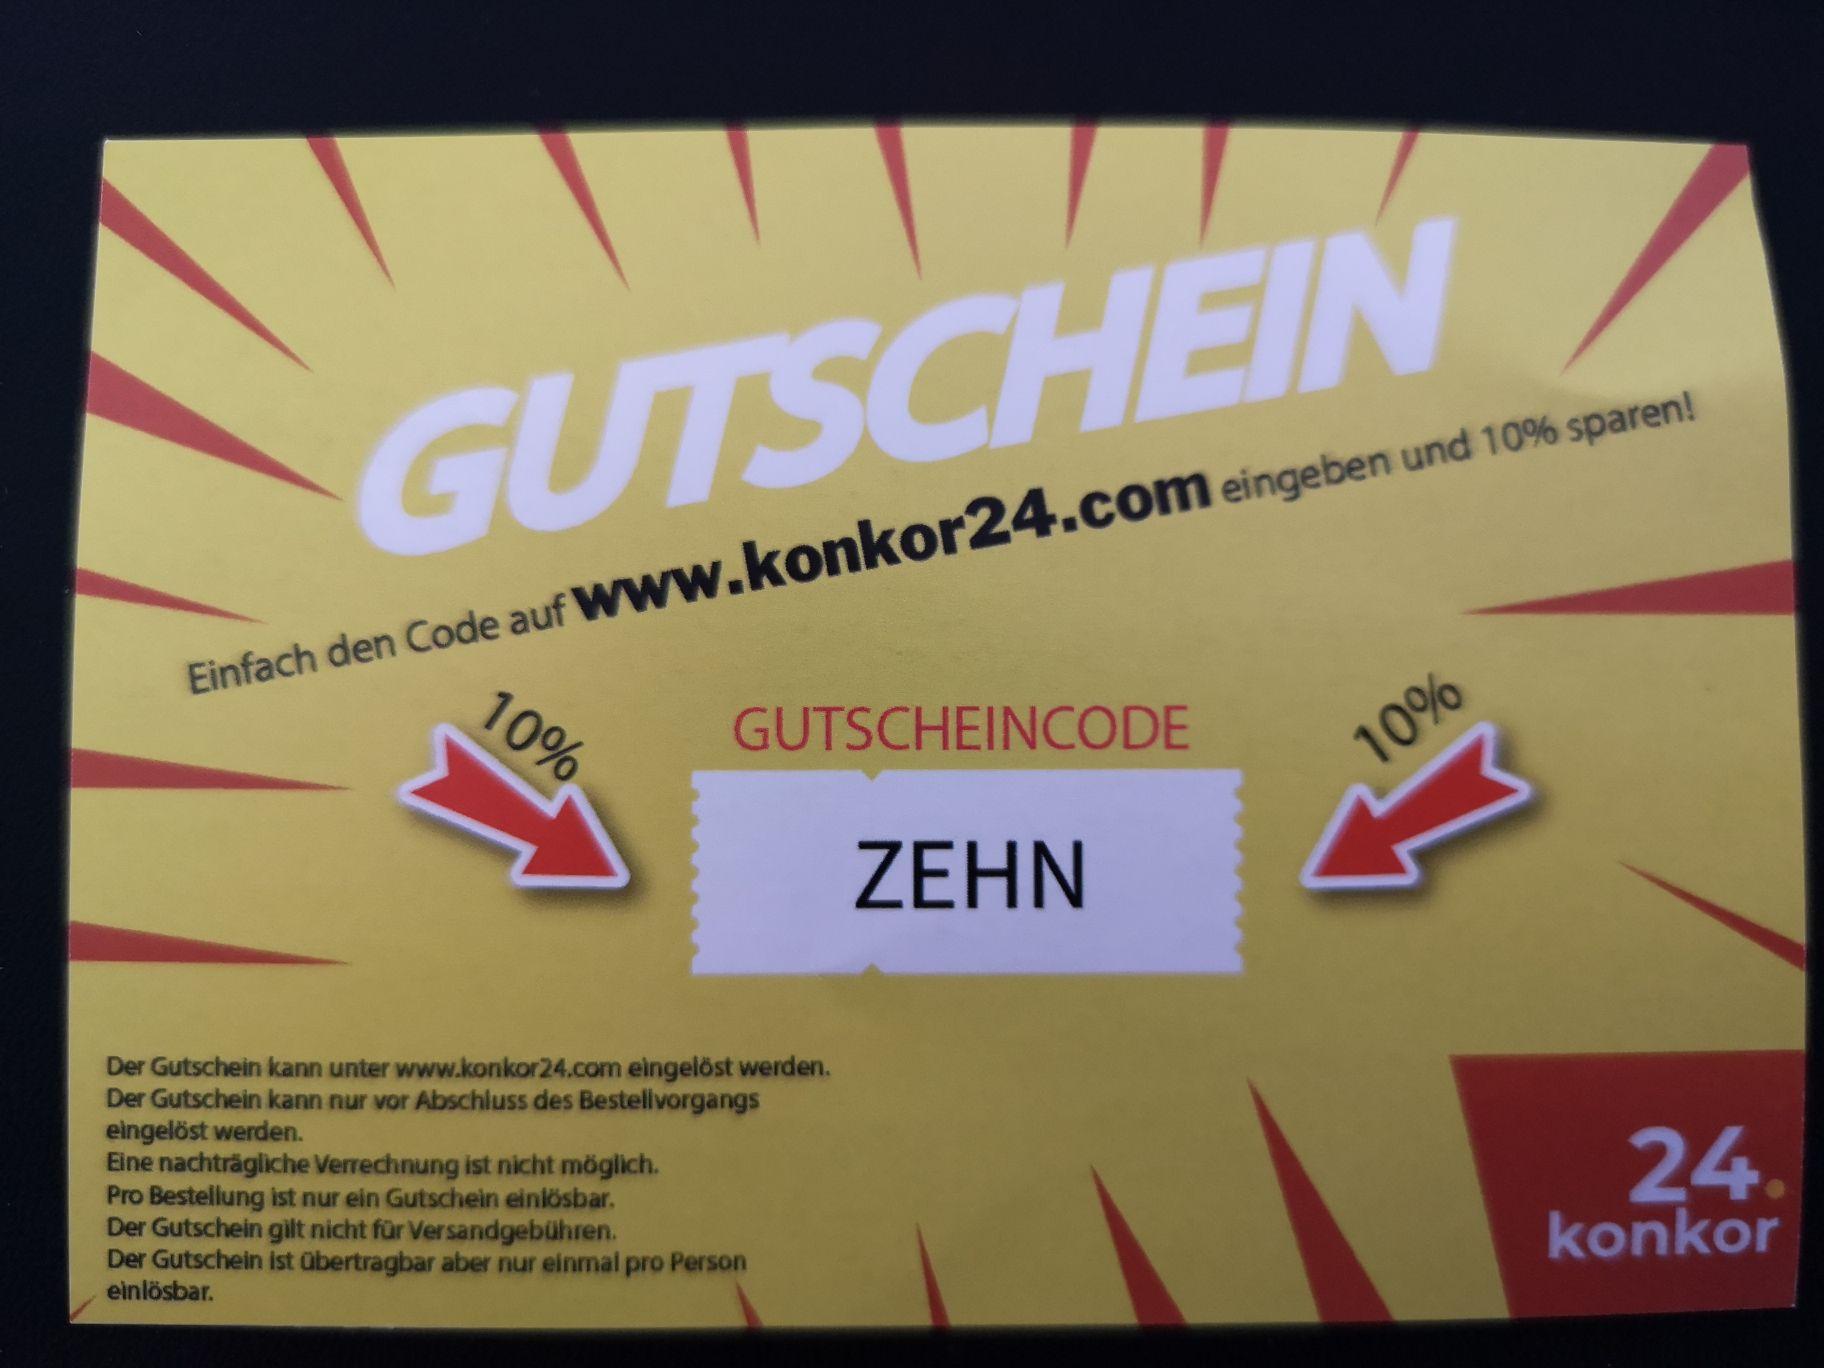 10% Gutschein für www.konkor24.com